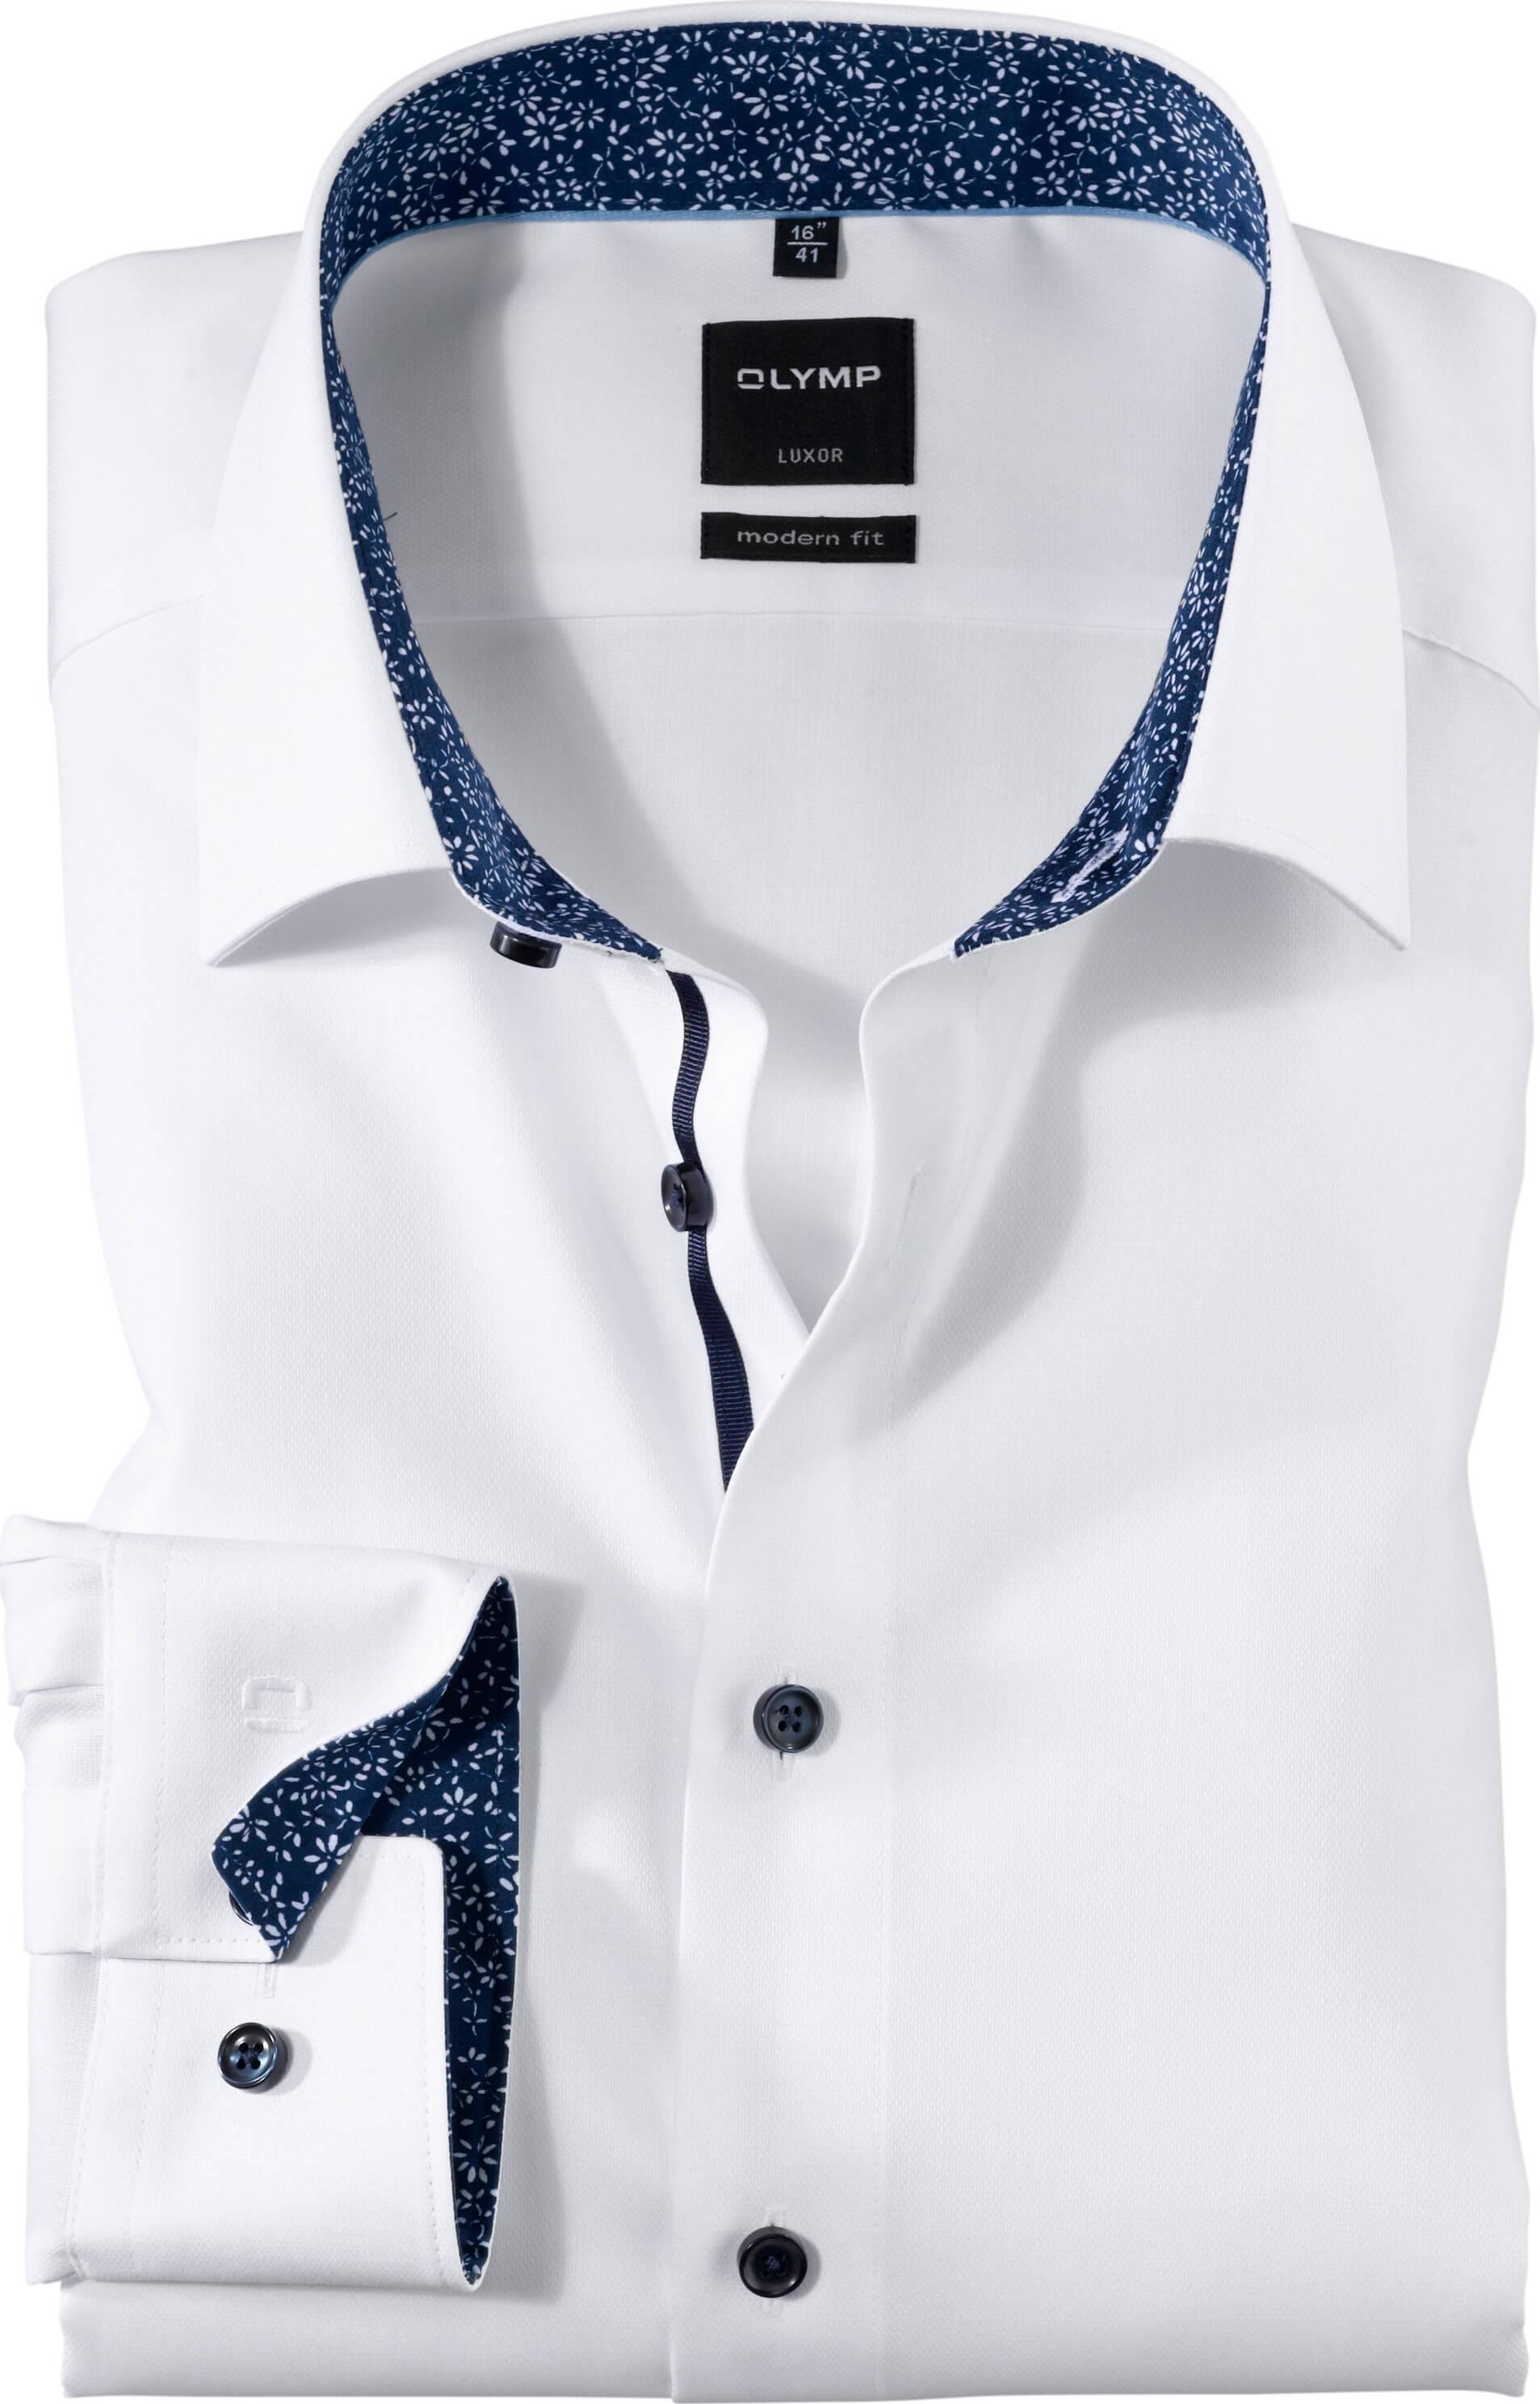 Olymp kauluspaita, modern fit + hiha Valkoinen